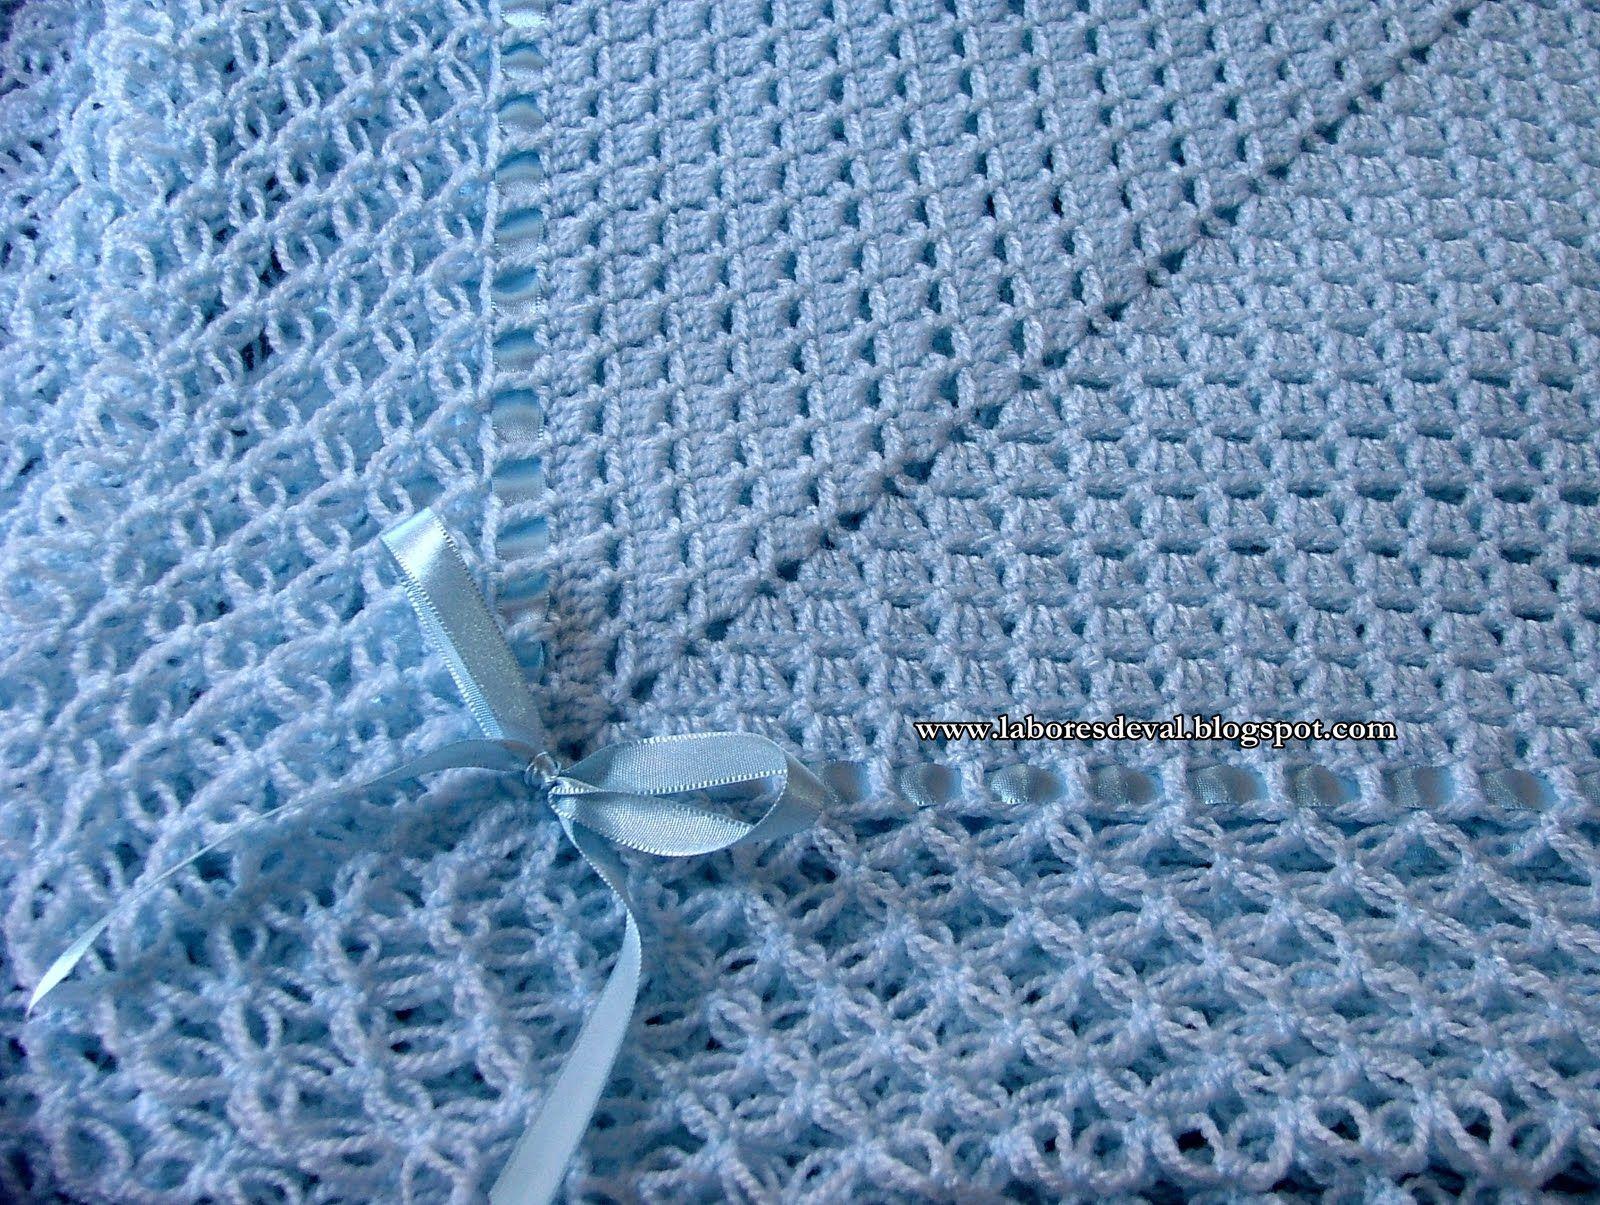 Labores de val manta para beb crochet para ni os - Labores de crochet para bebes ...